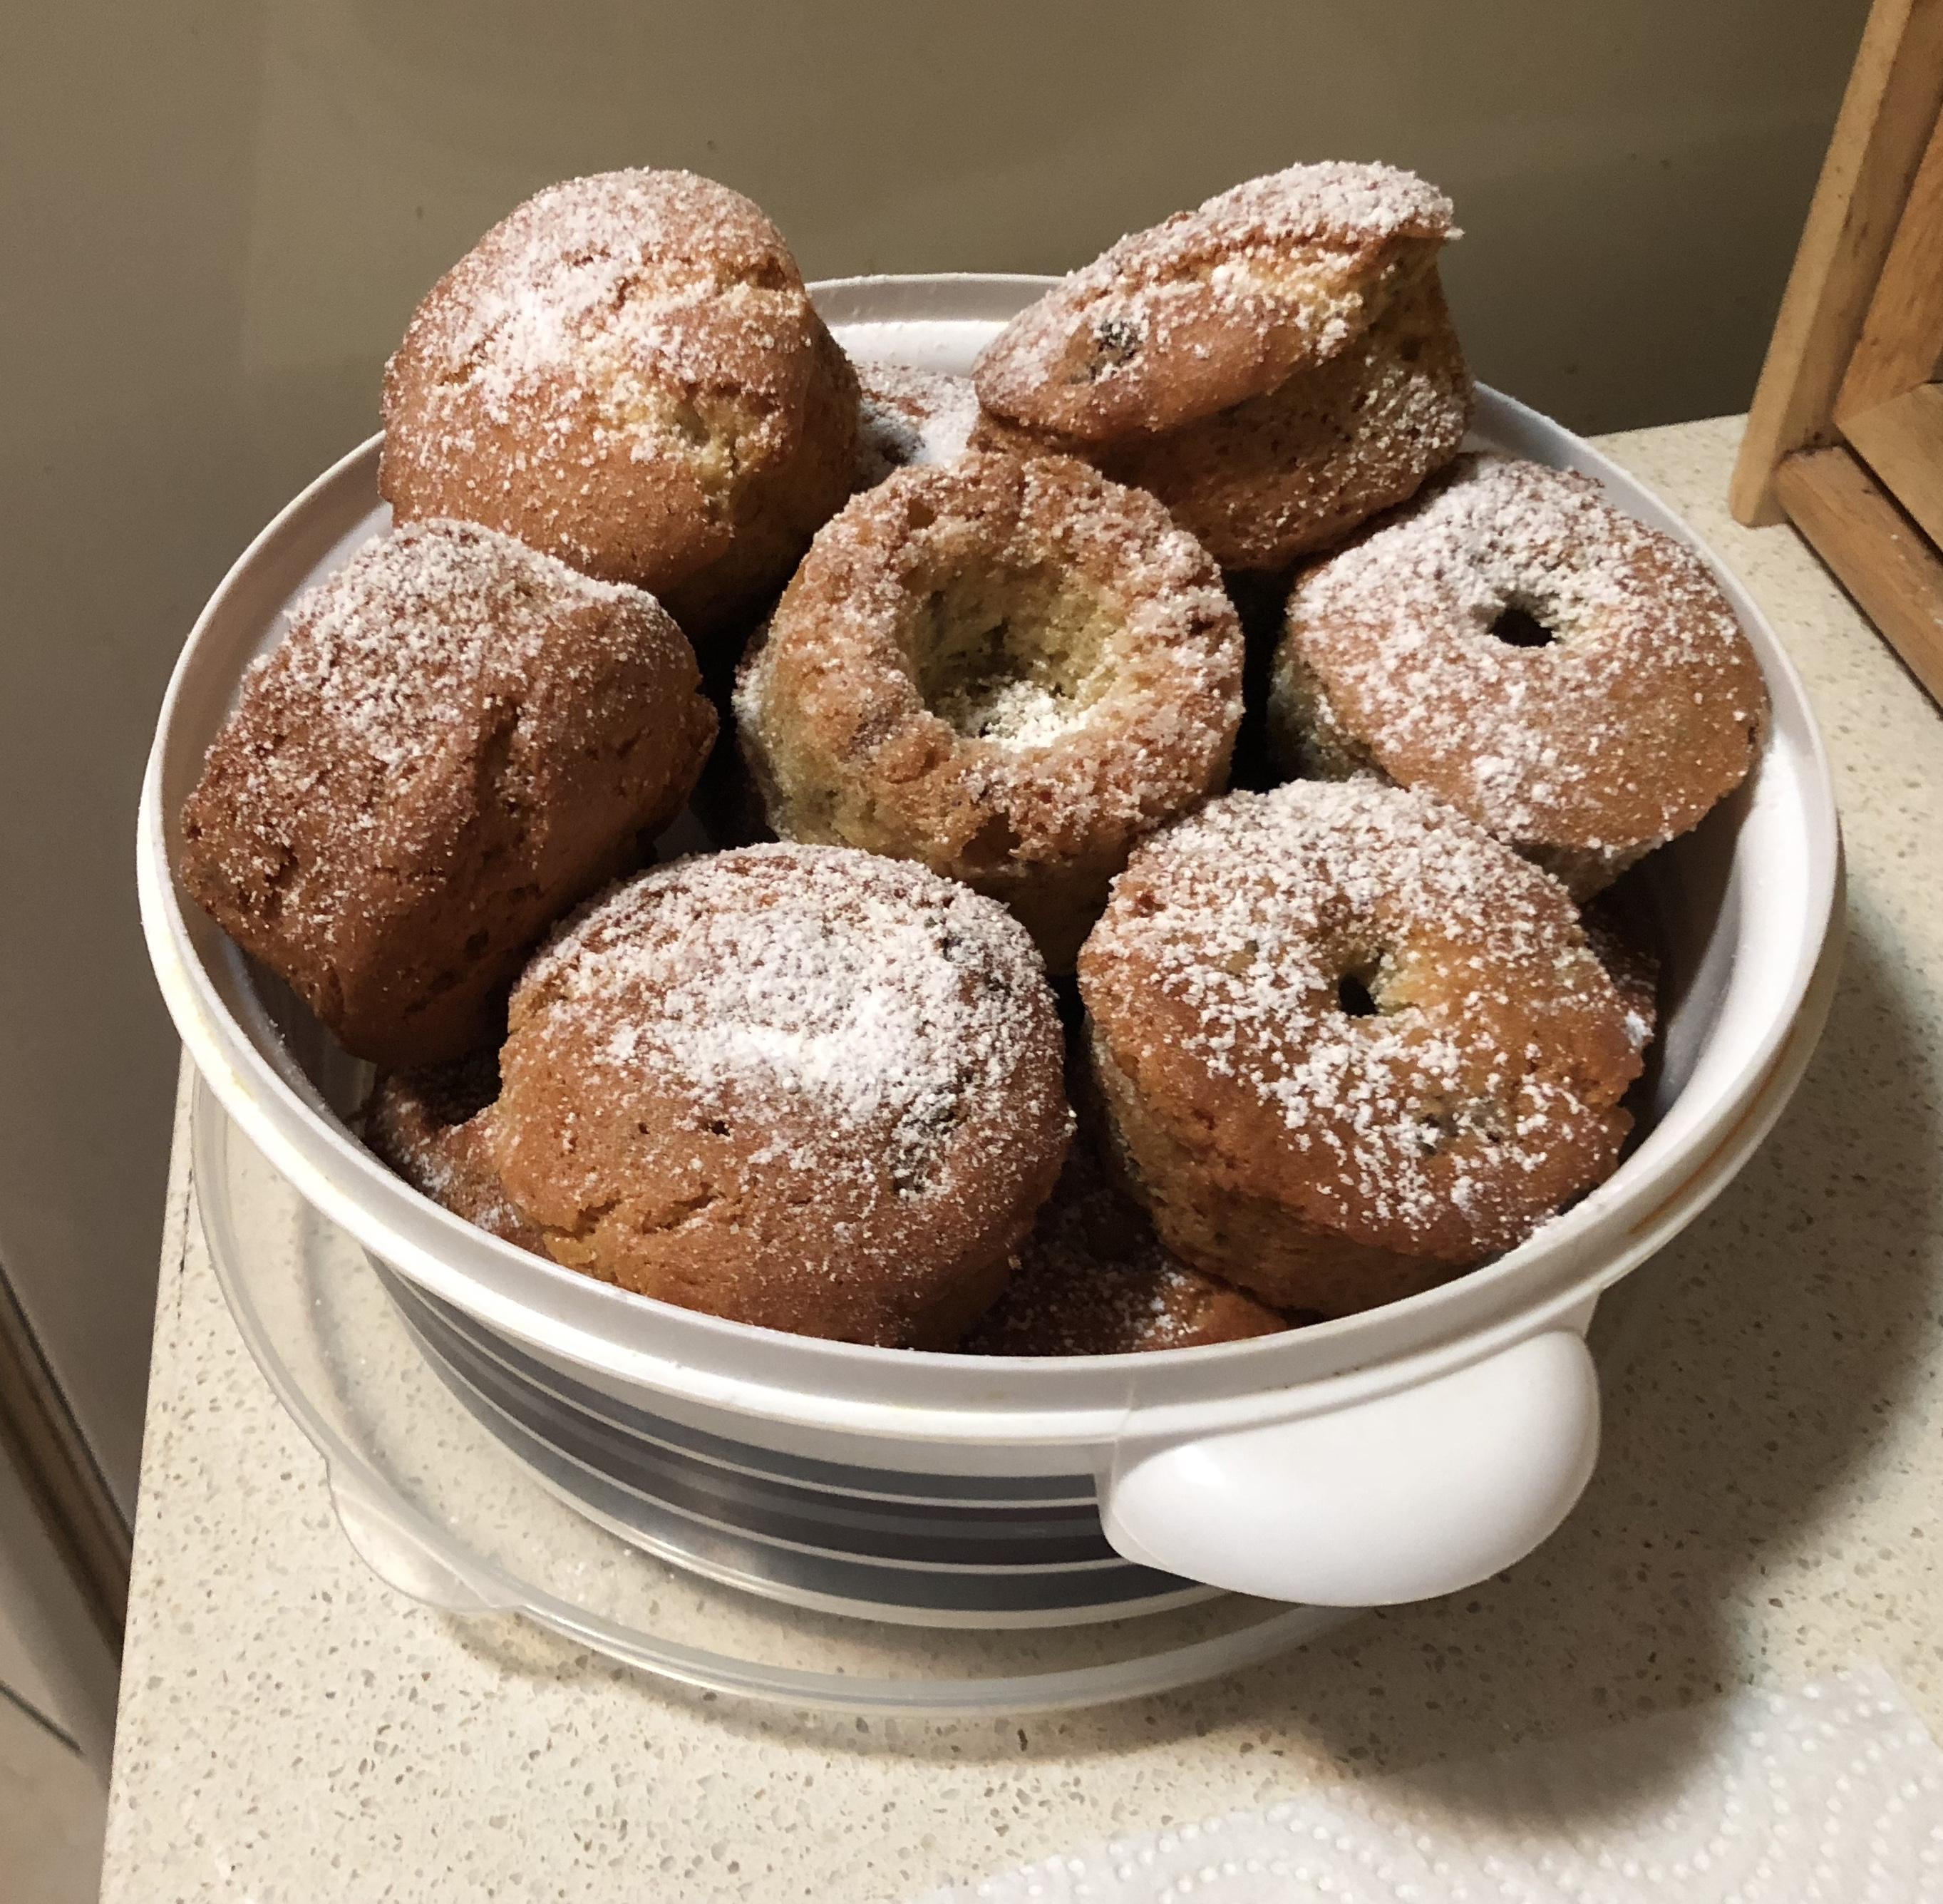 Кексы в формах пошаговый рецепт